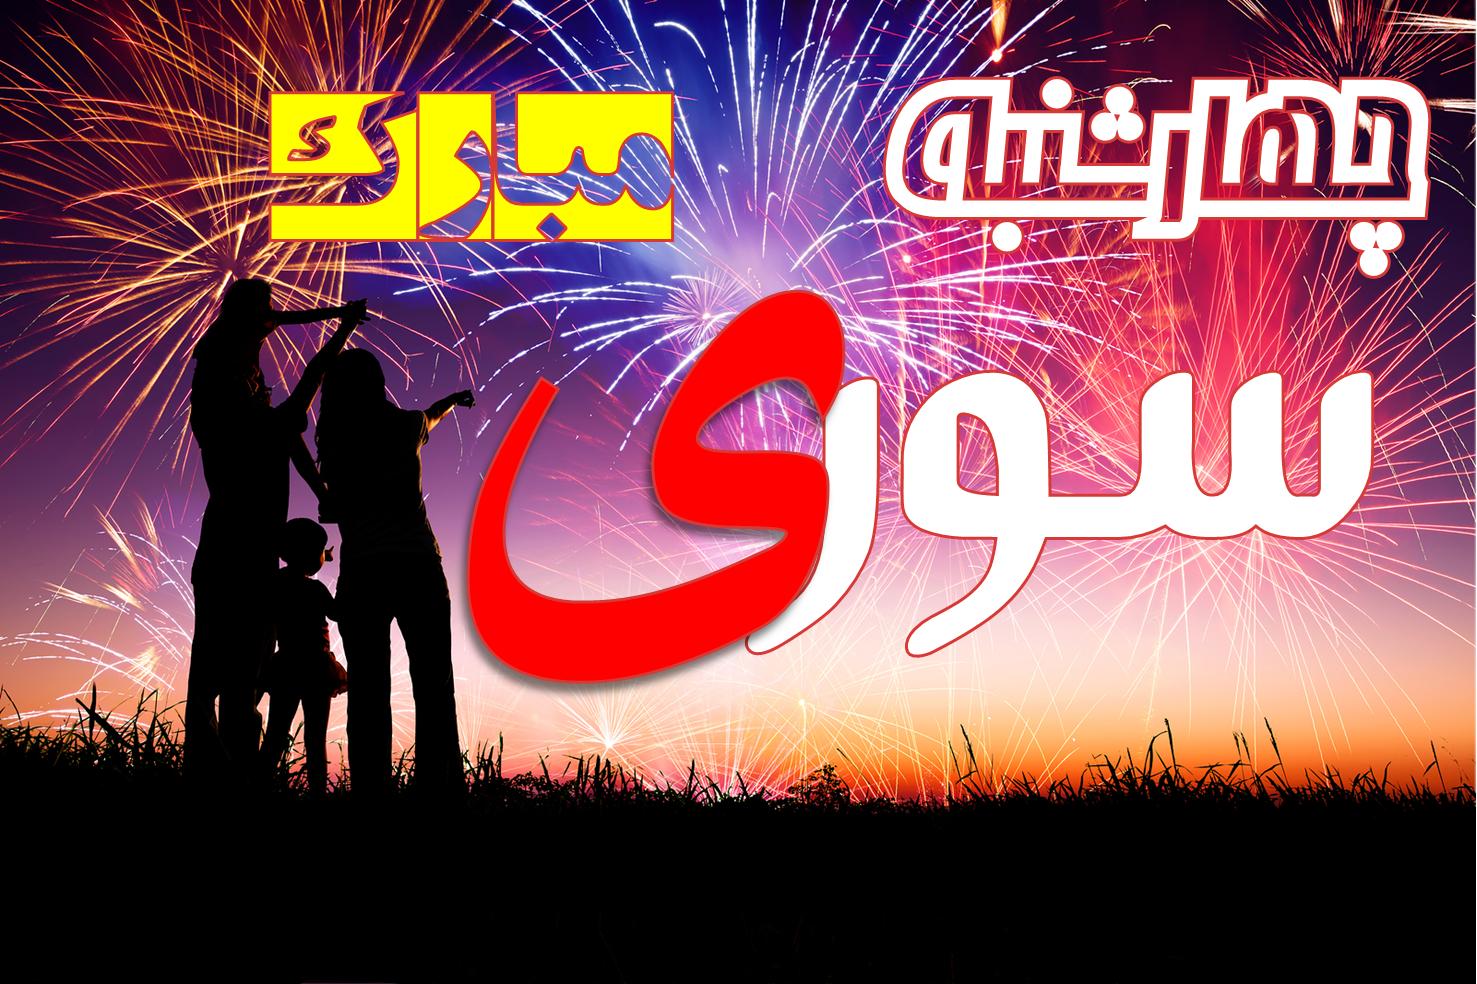 پیام و عکس های زیبا برای تبریک چهارشنبه سوری